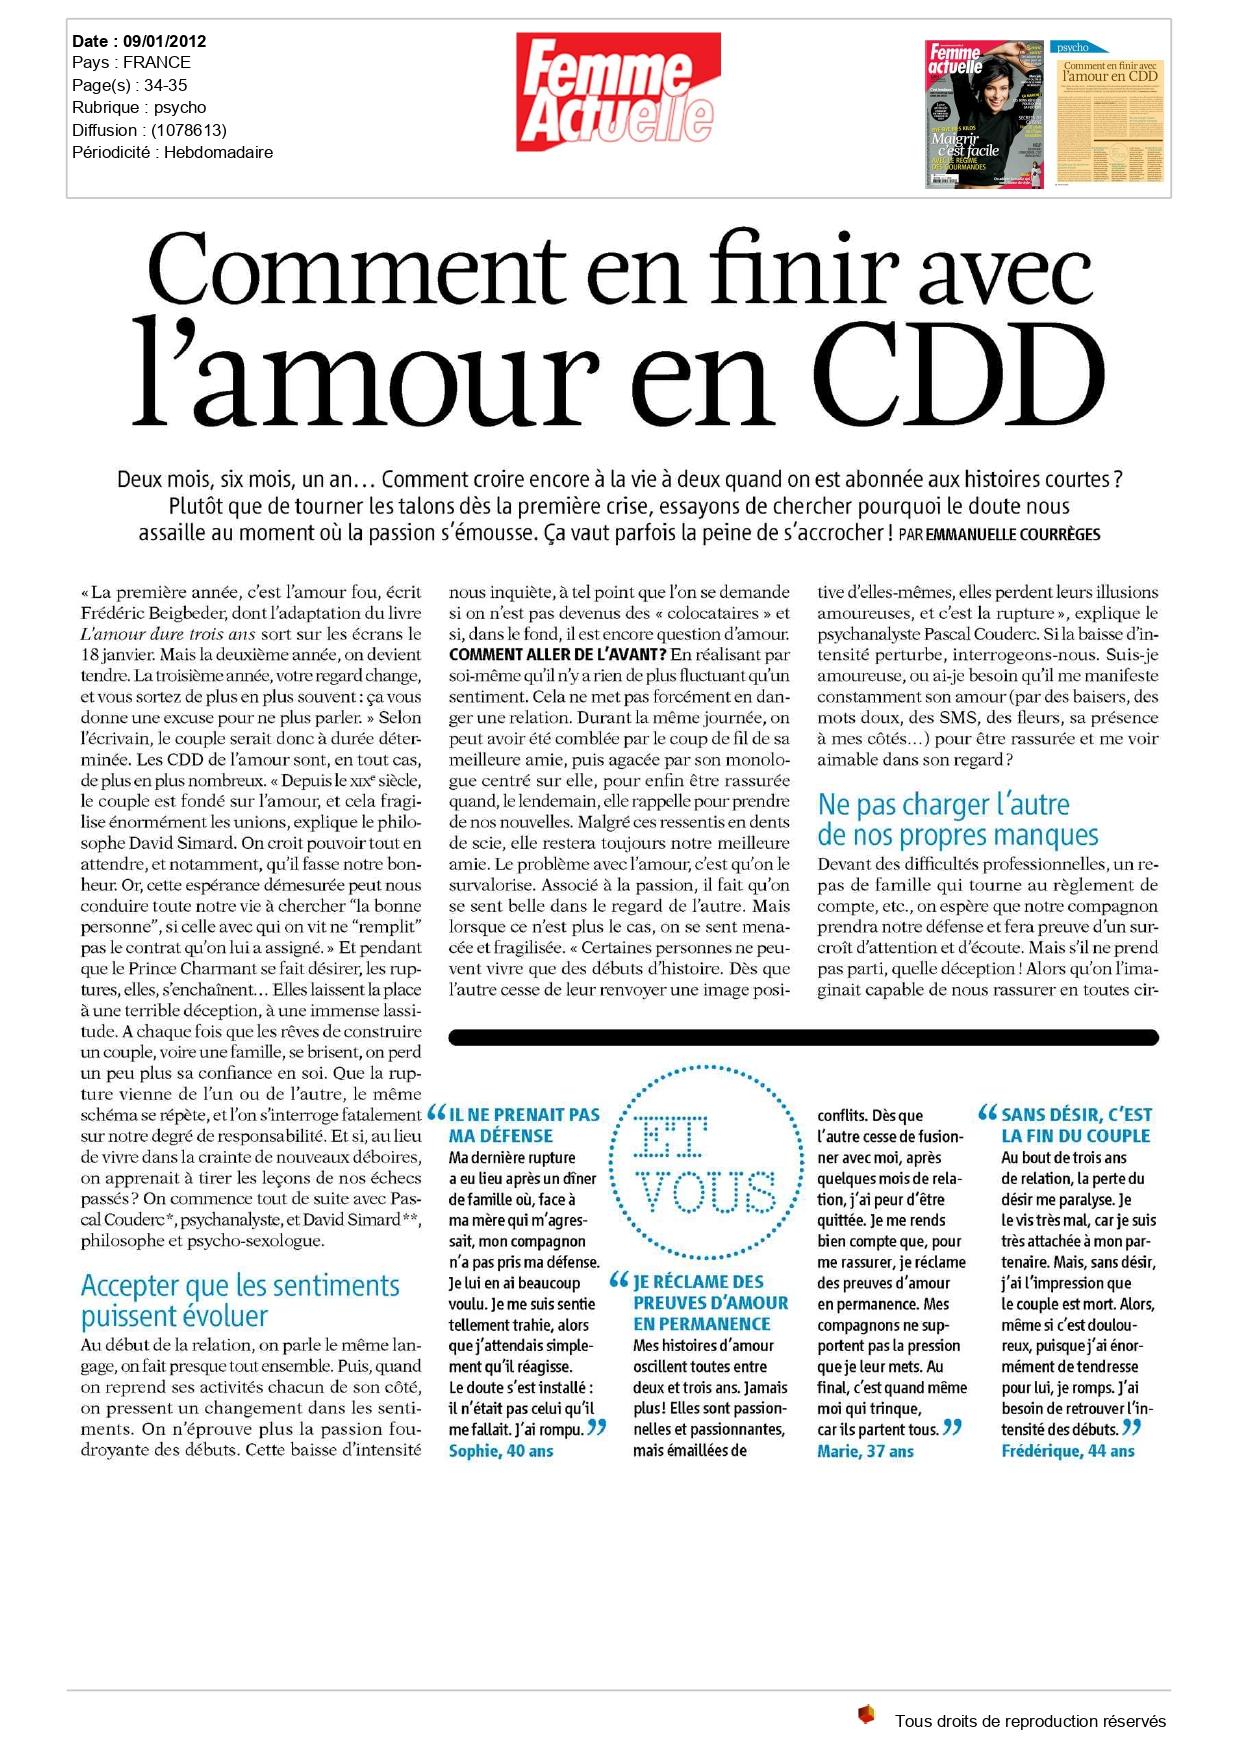 Comment en finir avec l'amour en CDD_Femme Actuelle_20120109_page-0001